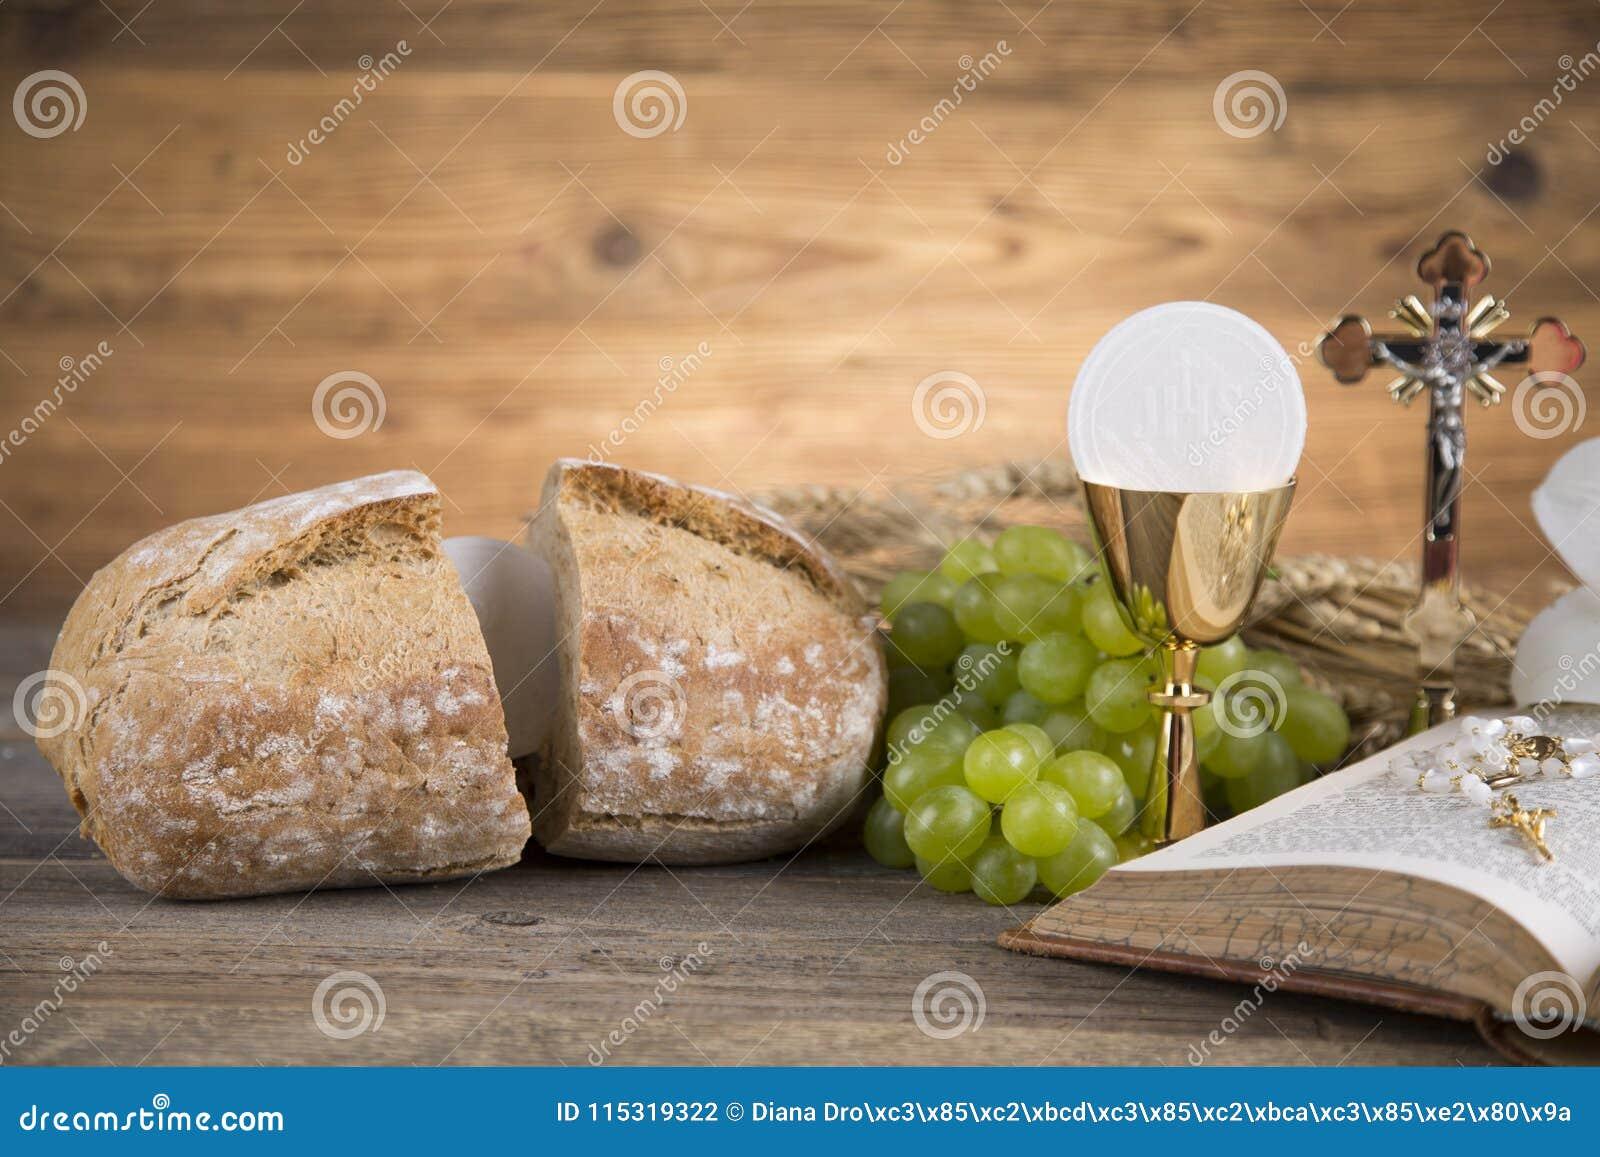 Símbolo do Eucaristia do pão e o vinho, o cálice e o anfitrião, primeiro comm